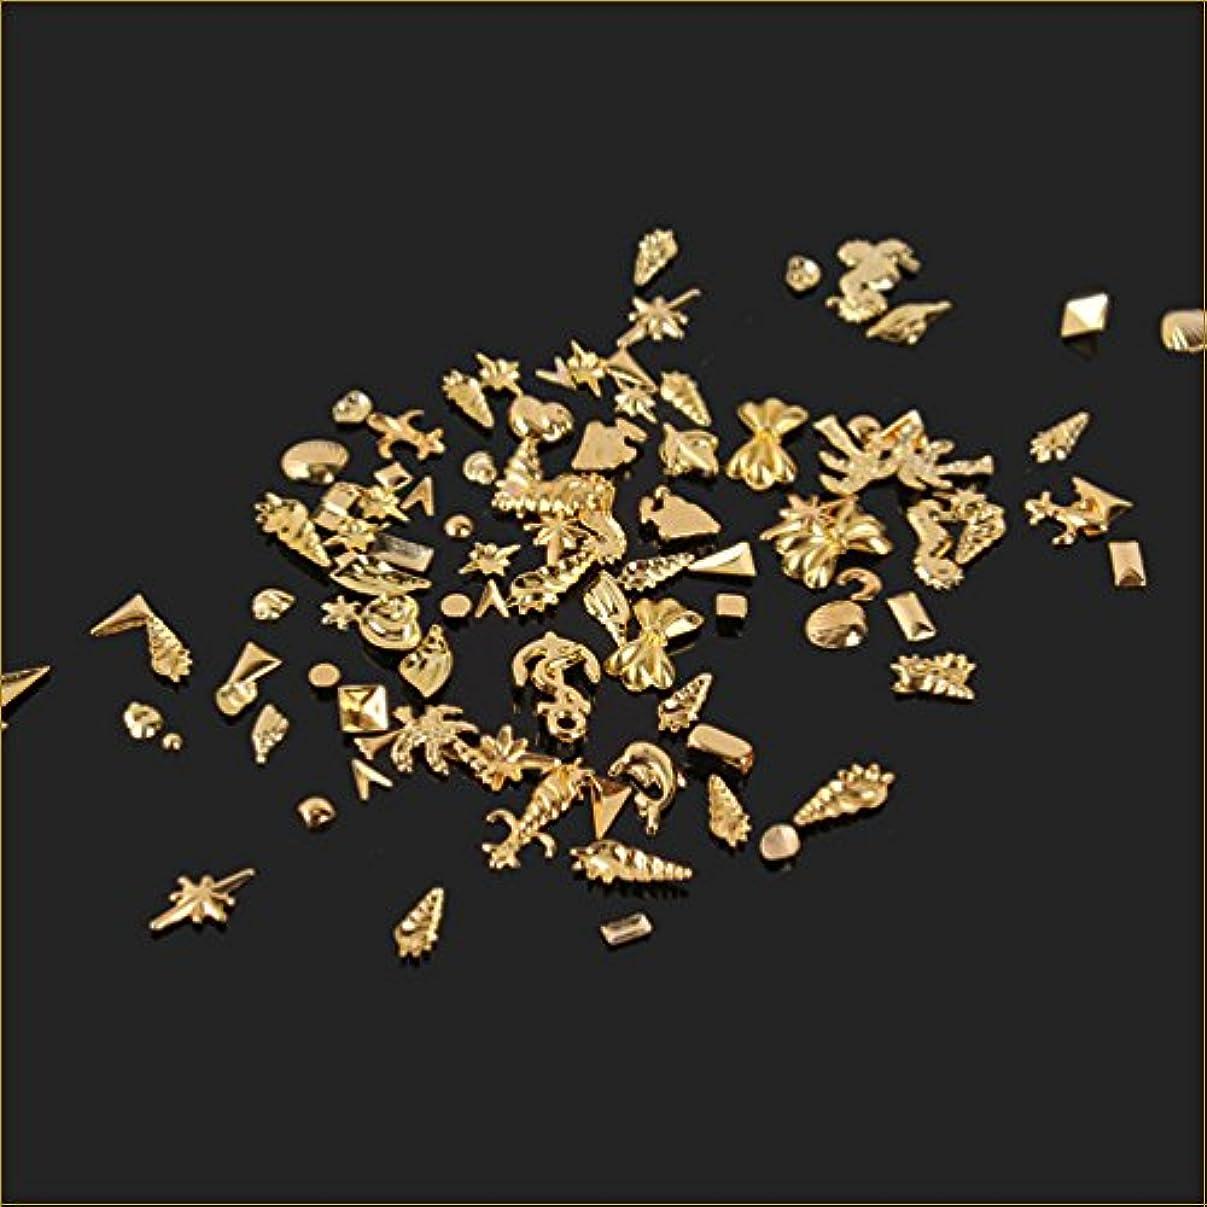 ソーシャル歯混乱ネイルパーツ シェルパーツ ネイルアートパーツ 貝海系 100個入りサマーゴールド スタッズ ジェルネイル